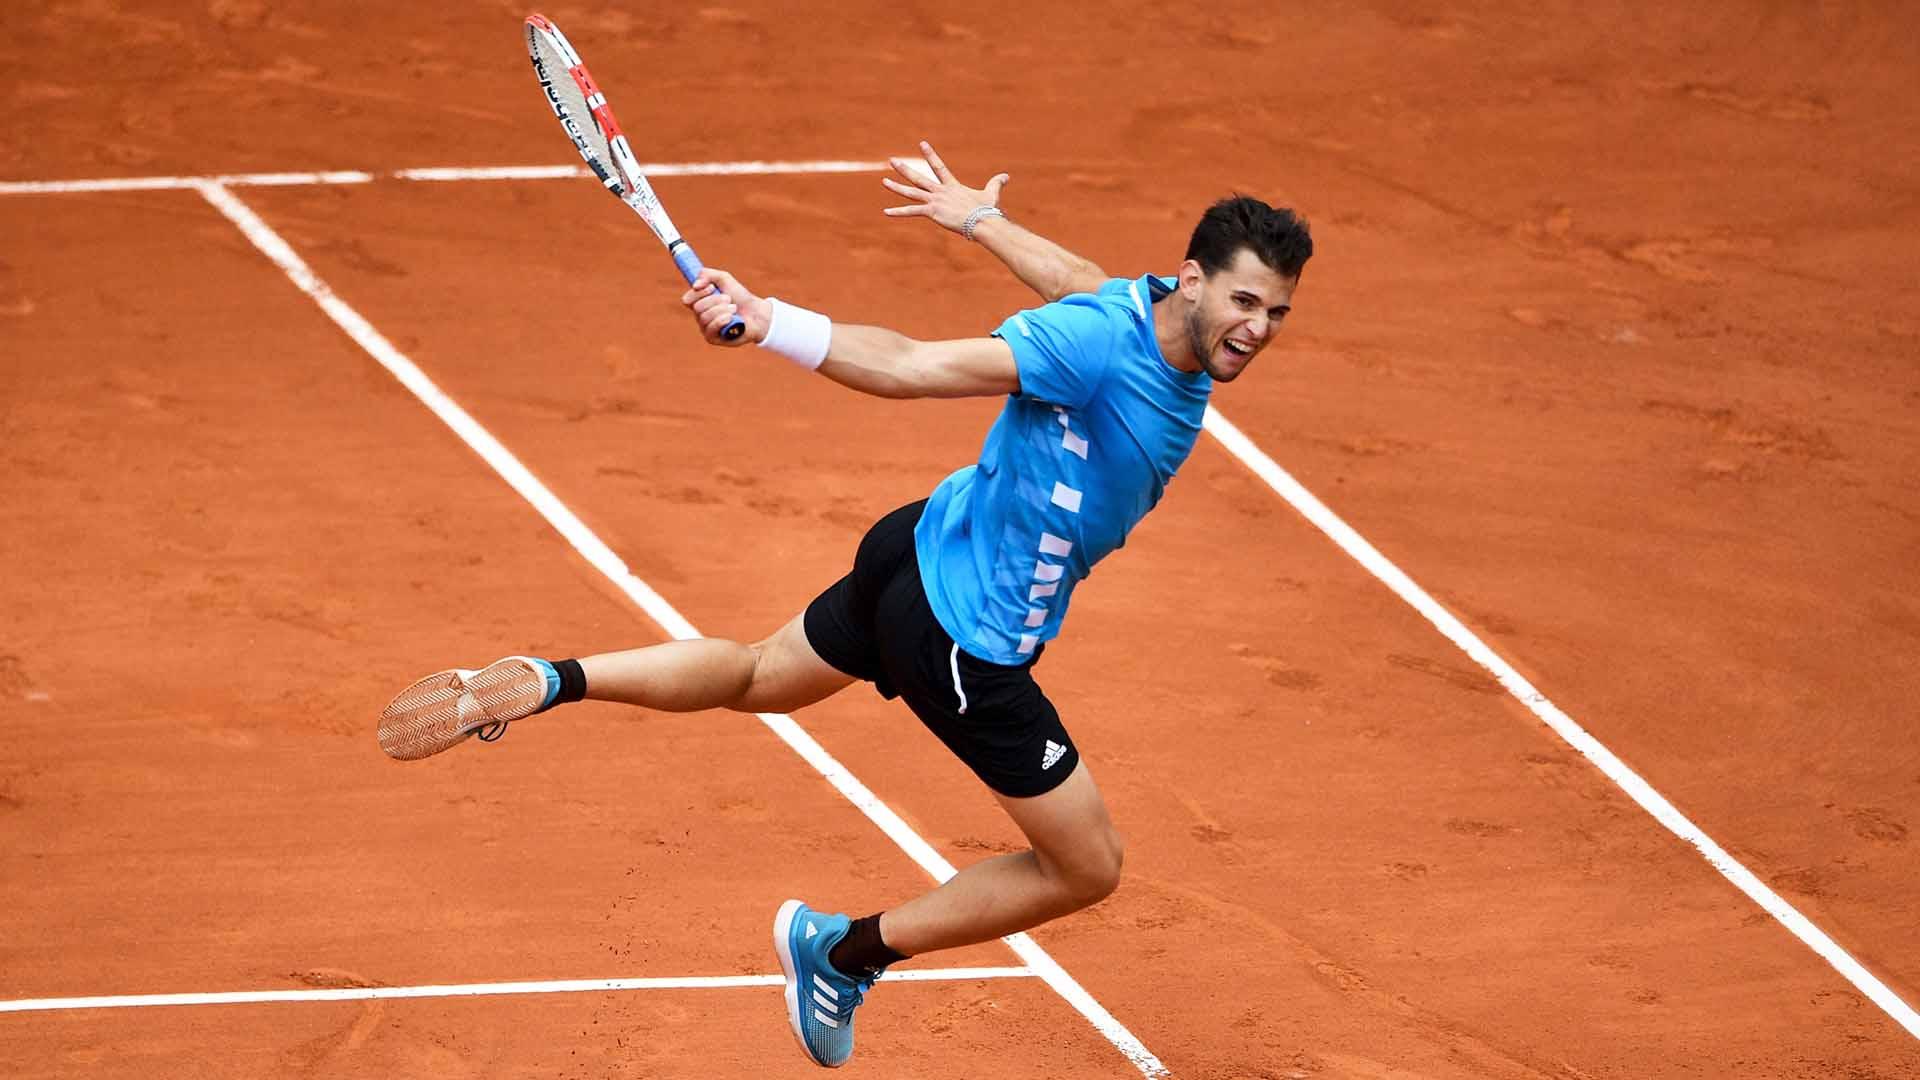 Dominic Thiem Battles Past Djokovic In Two Day Epic To Reach Roland Garros Final Ubitennis